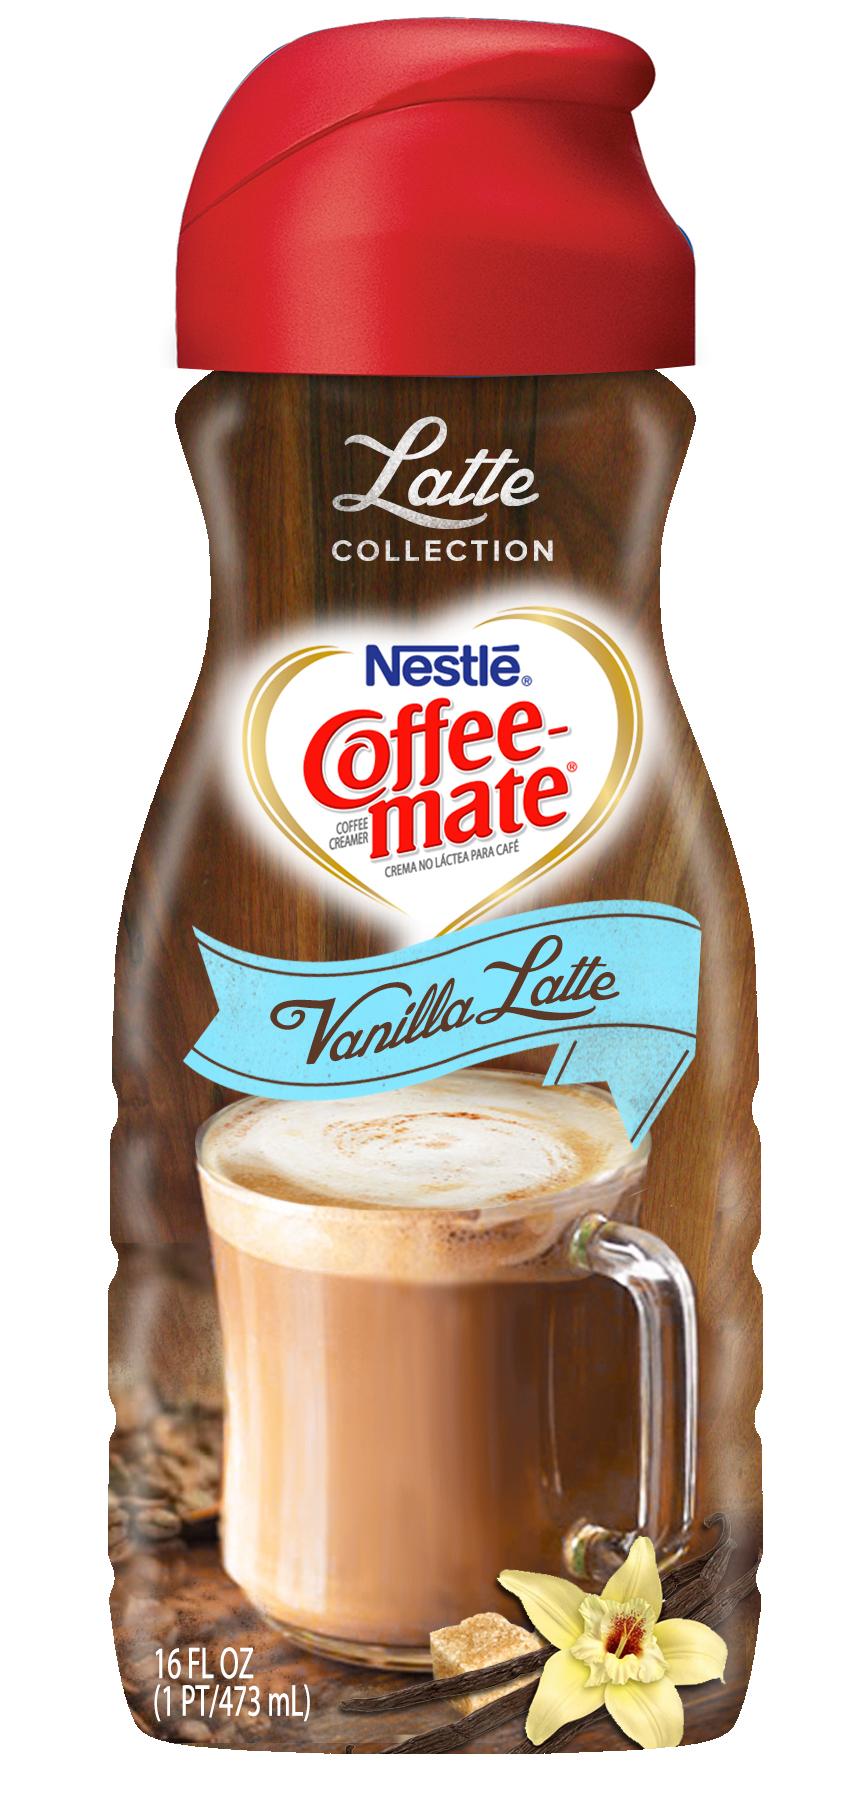 NES_CM_LatteCollection_VanillaLatte.jpg